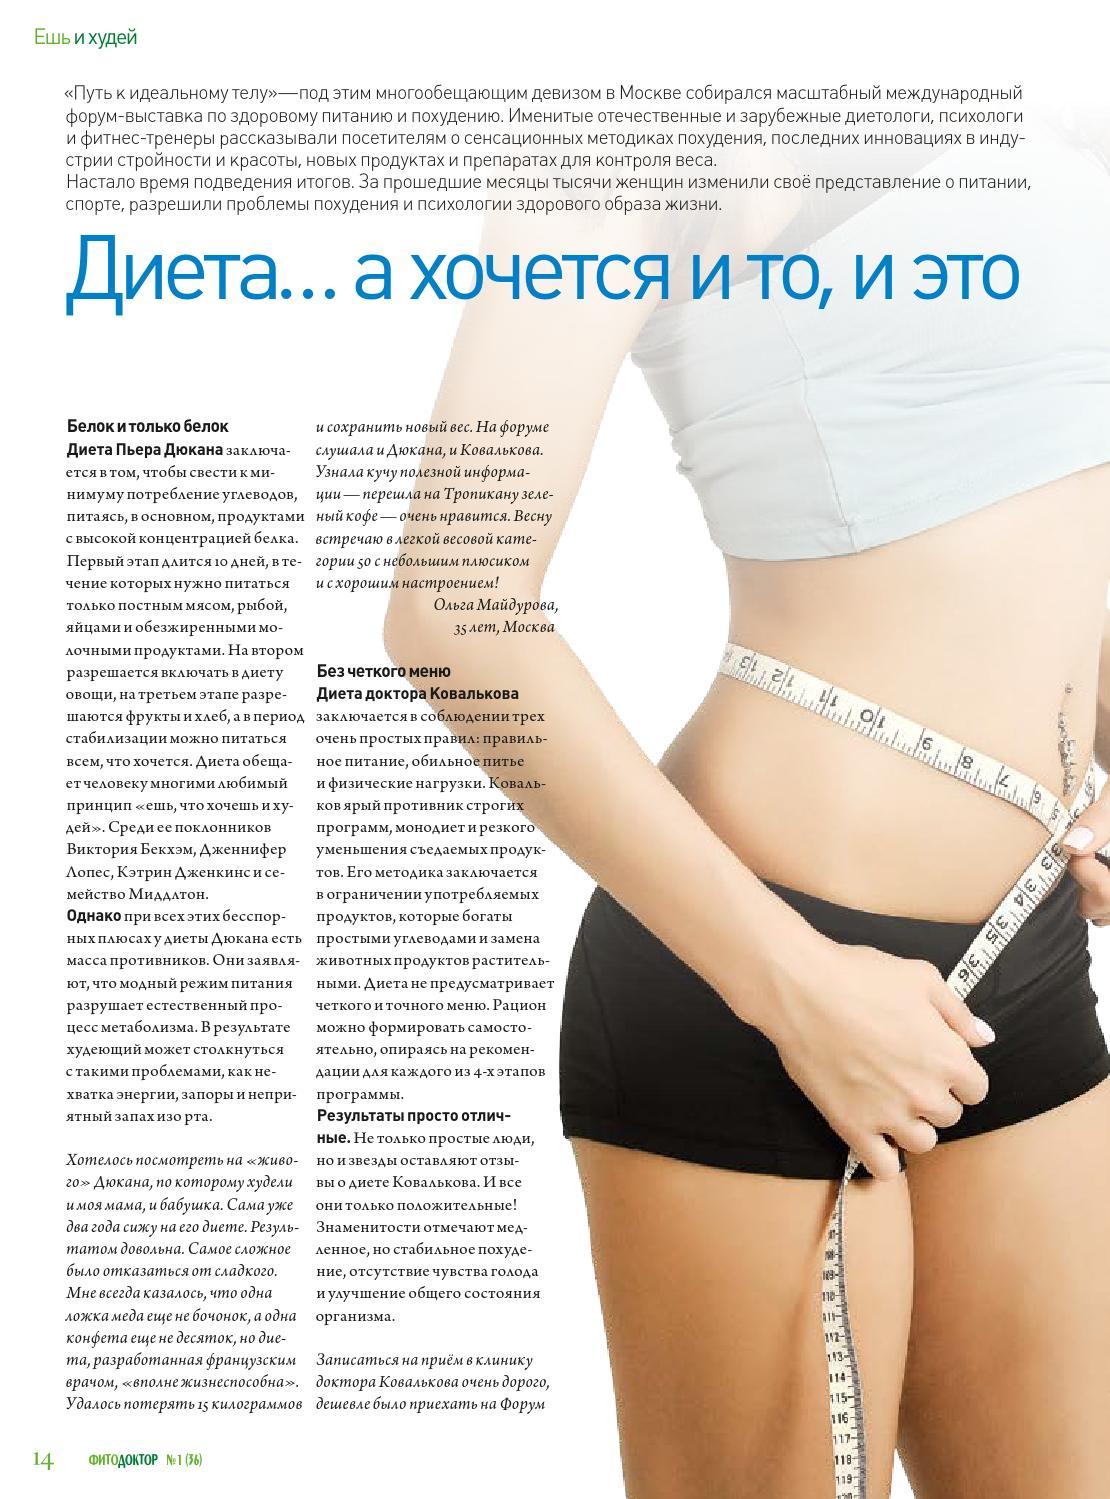 [BBBKEYWORD]. Можно ли есть мед, будучи на диете, полезнее ли он сахара и не отразится ли его его употребление на похудении?